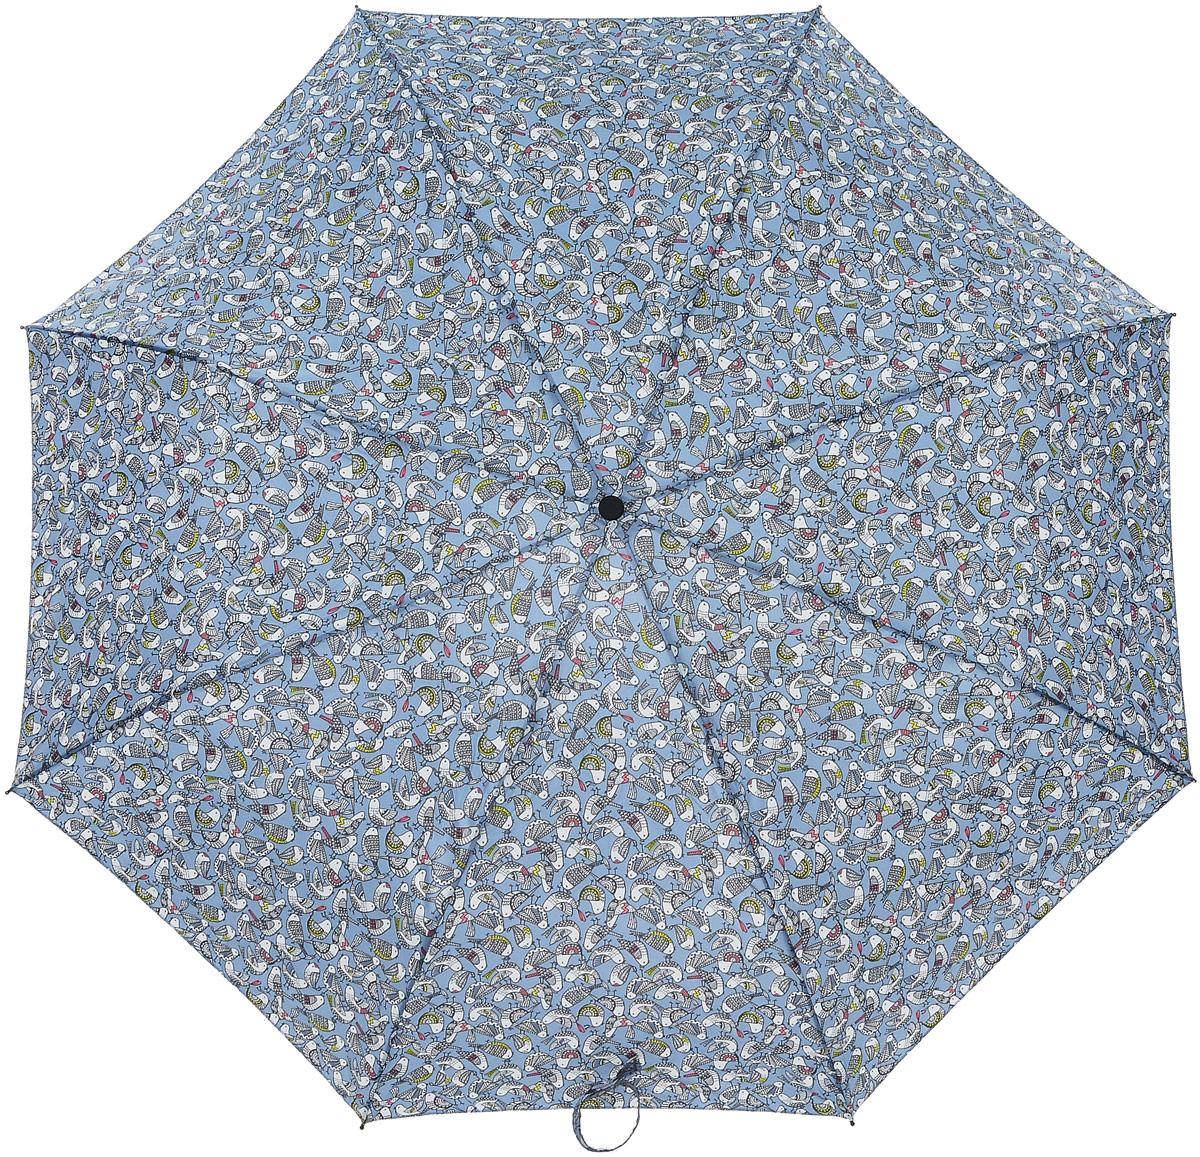 Зонт женский Labbra, автомат, 3 сложения, цвет: голубой, белый, серый. A3-05-LT022A3-05-LT022Элегантный женский зонт Labbra не даст вам промокнуть. Купол зонта выполнен из качественного полиэстера с водоотталкивающей пропиткой и оформлен принтом с изображением птиц. Прочный каркас выполнен из стали, алюминия и фибергласса. Зонт дополнен удобной пластиковой ручкой, которая имеет эластичную петлю, благодаря которой зонт можно носить на запястье. Изделие имеет автоматический механизм сложения: купол открывается и закрывается нажатием кнопки на ручке, стержень складывается вручную до характерного щелчка, благодаря чему открыть и закрыть зонт можно одной рукой. В сложенном виде зонт фиксируется с помощью хлястика с липучкой. К зонту прилагается чехол. Стильный и практичный аксессуар даже в ненастную погоду позволит вам оставаться неотразимой.